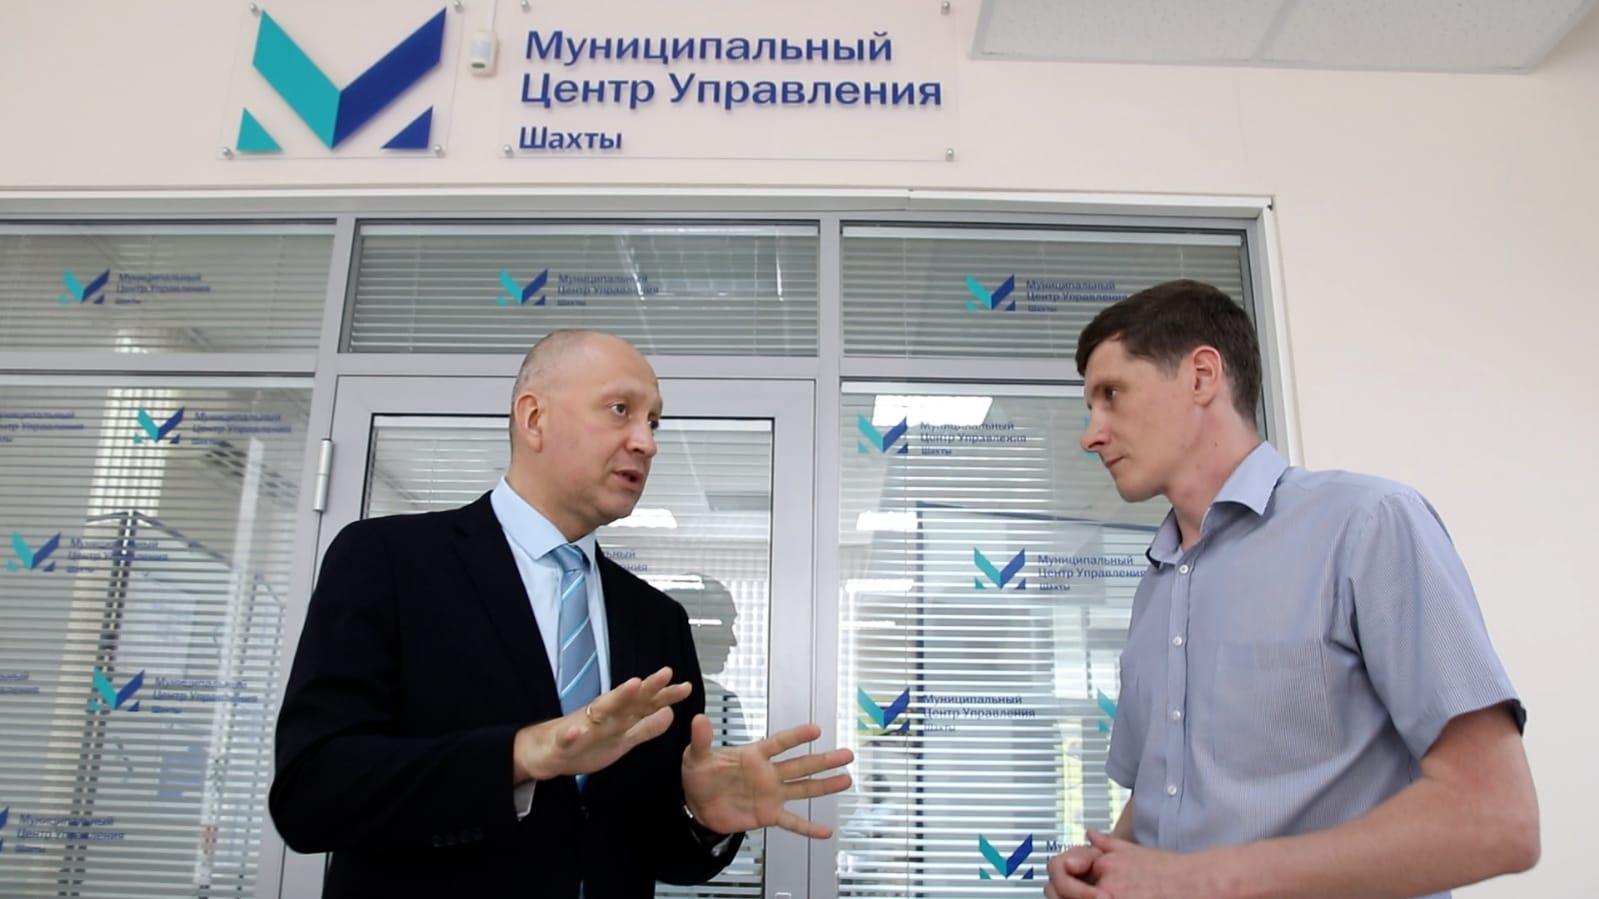 В Шахтах открыт первый на Дону муниципальный Центр управления